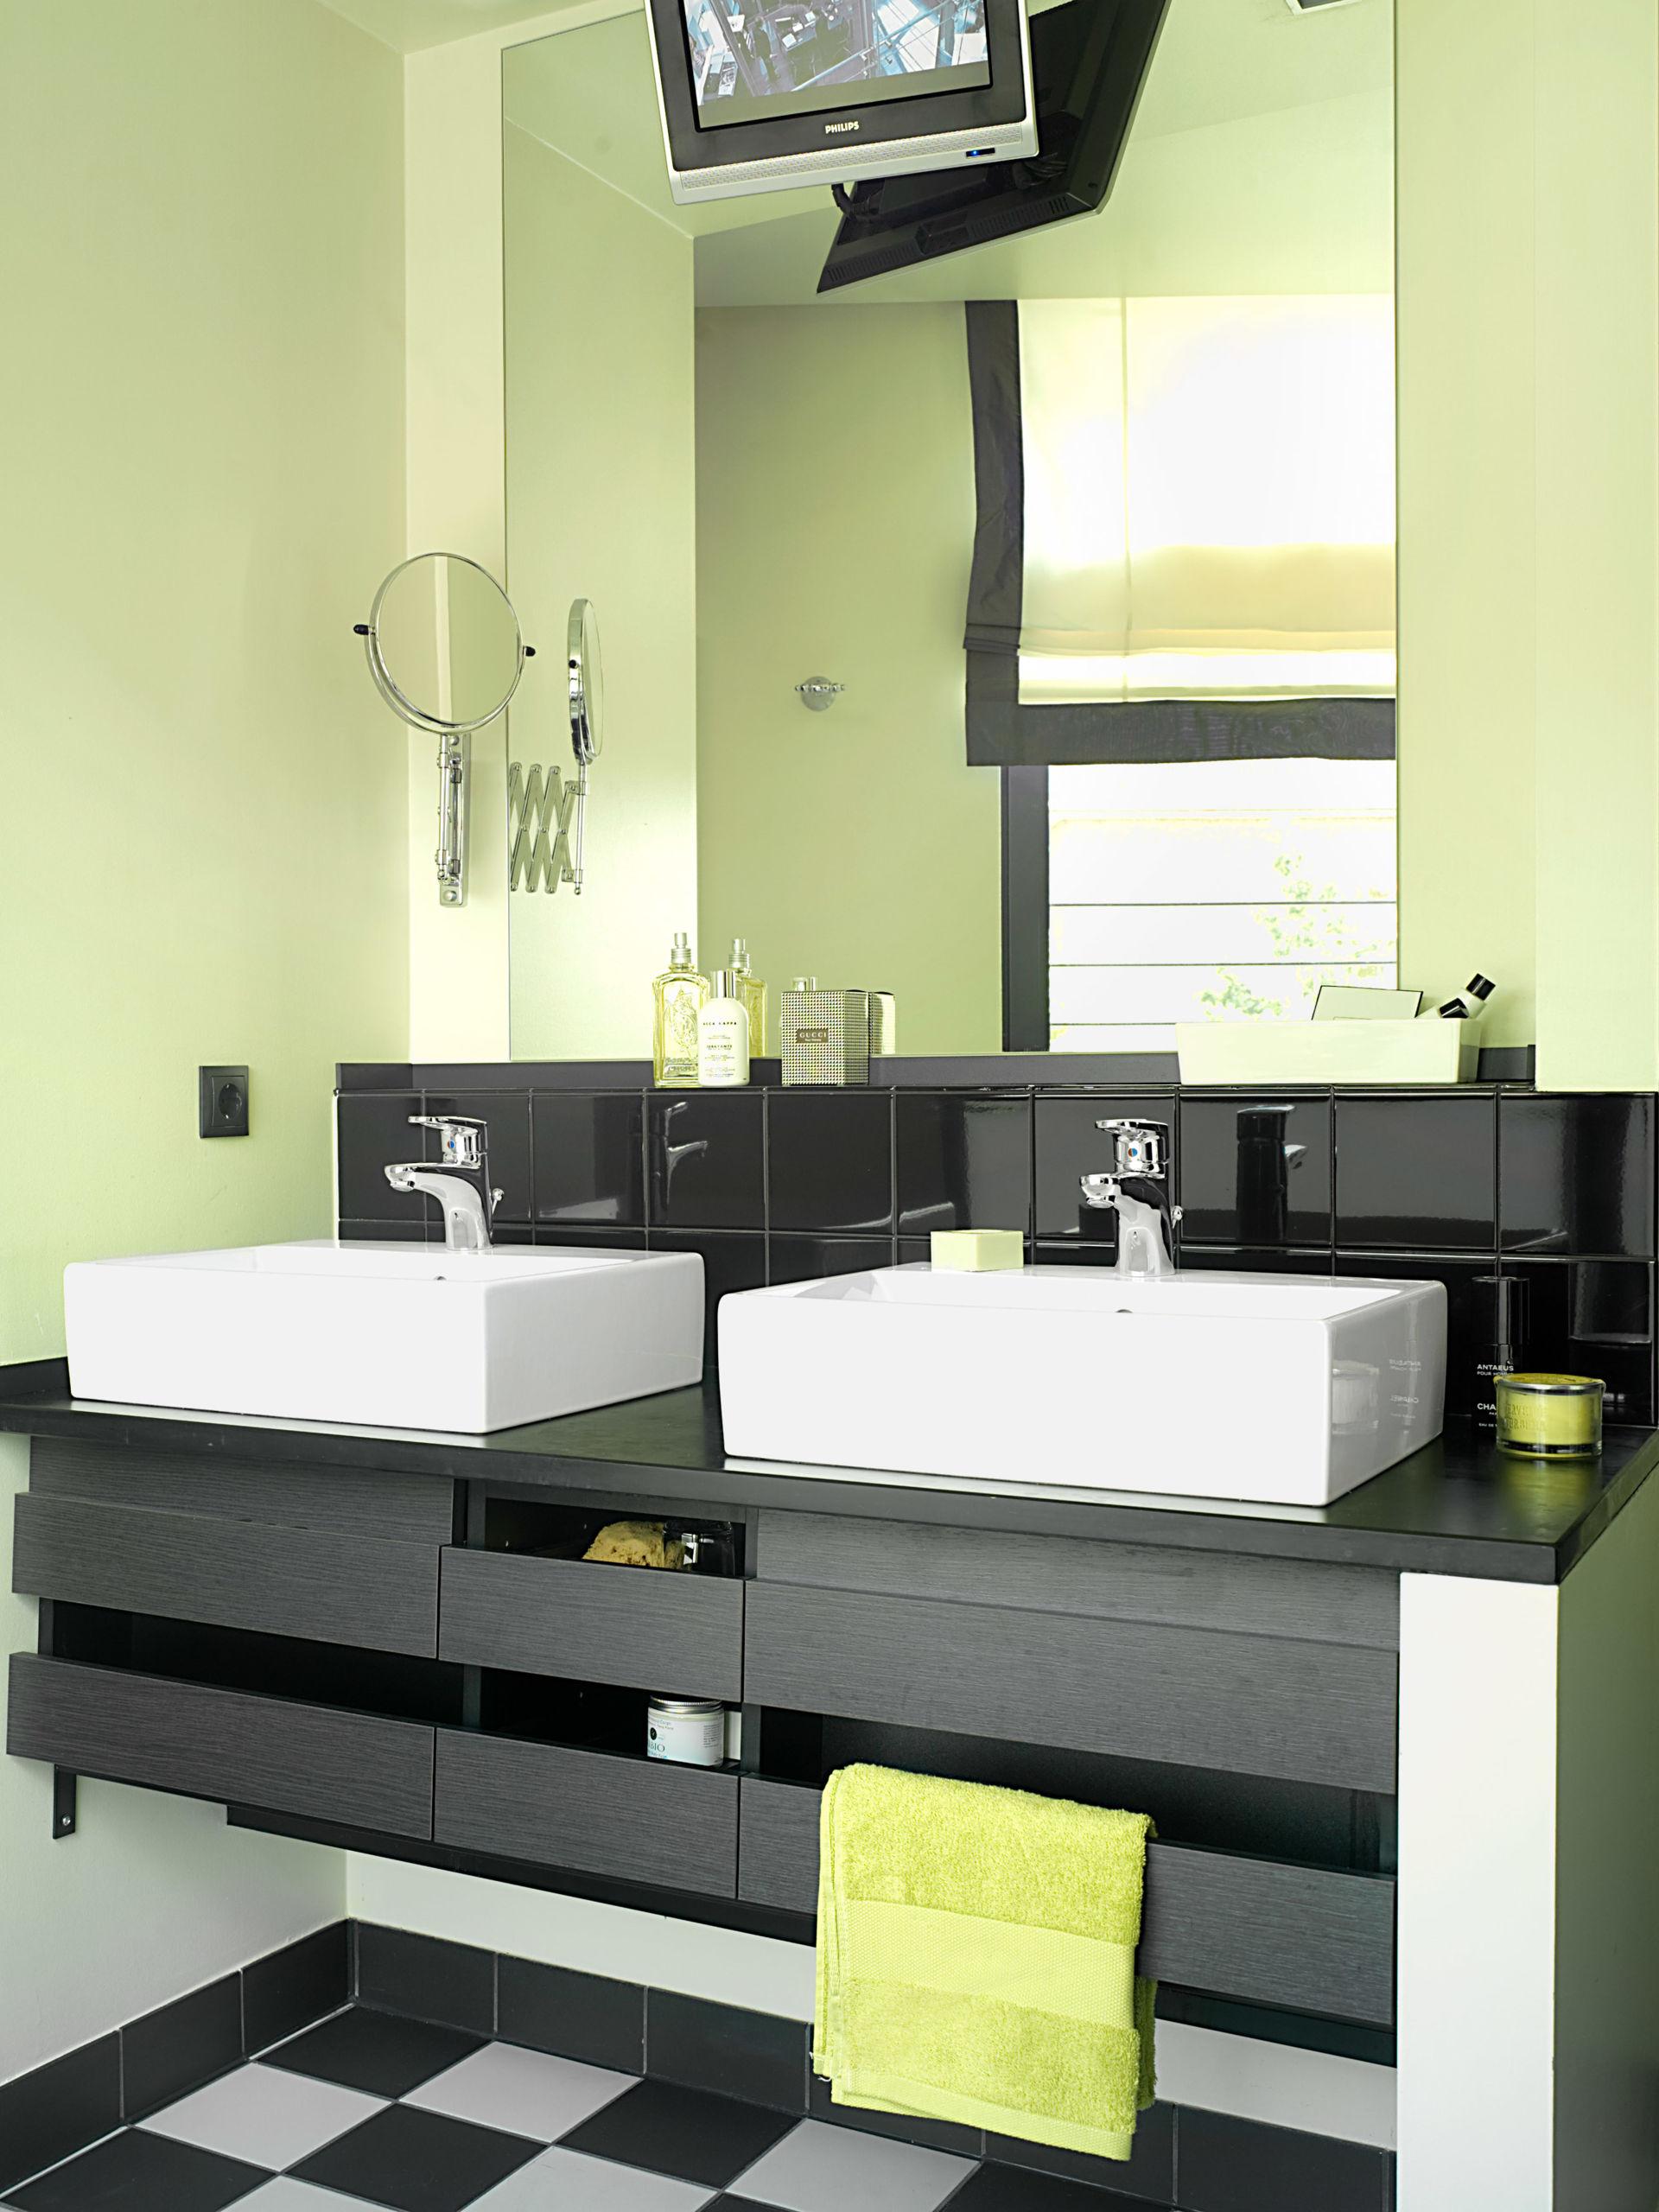 haus bauen gesetz zur renovierung der wohnung bei auszug. Black Bedroom Furniture Sets. Home Design Ideas